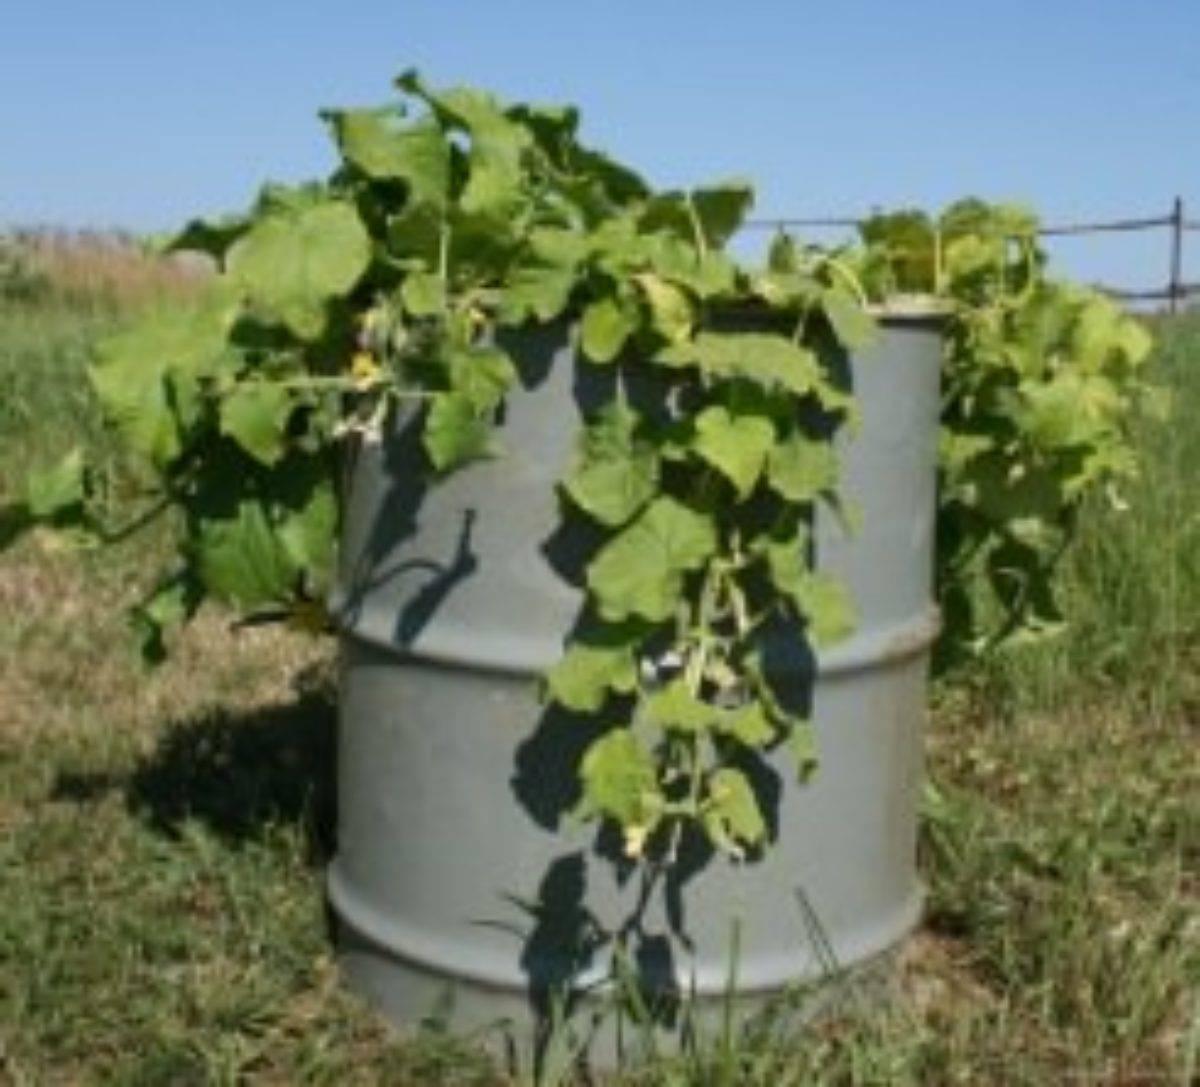 Выращивание огурцов в пластиковых 5 литровых бутылках: посадка и уход + видео